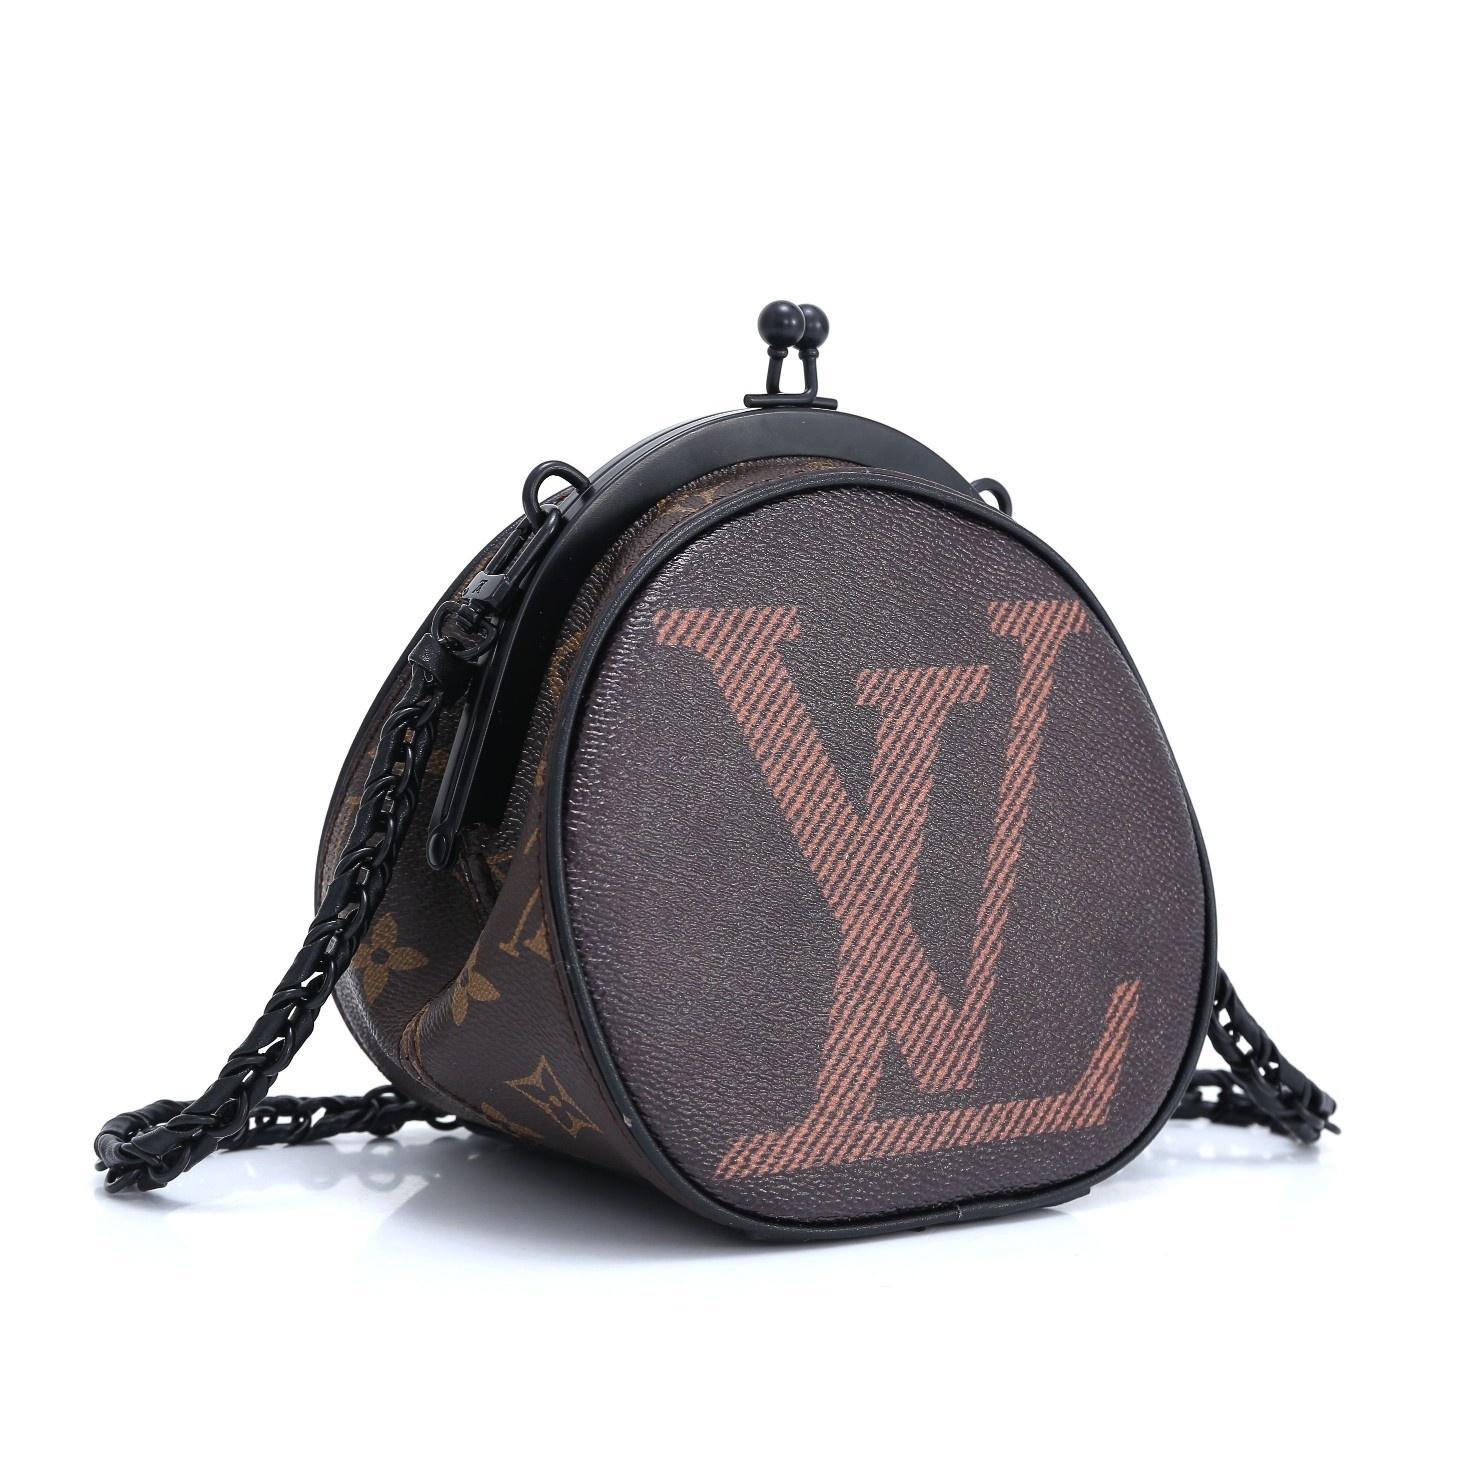 42580 kalite yeni varış ünlü Marka Klasik tasarımcı yeni moda kadın veya erkekler haberci çanta çapraz vücut çanta okul bookbag çanta çanta